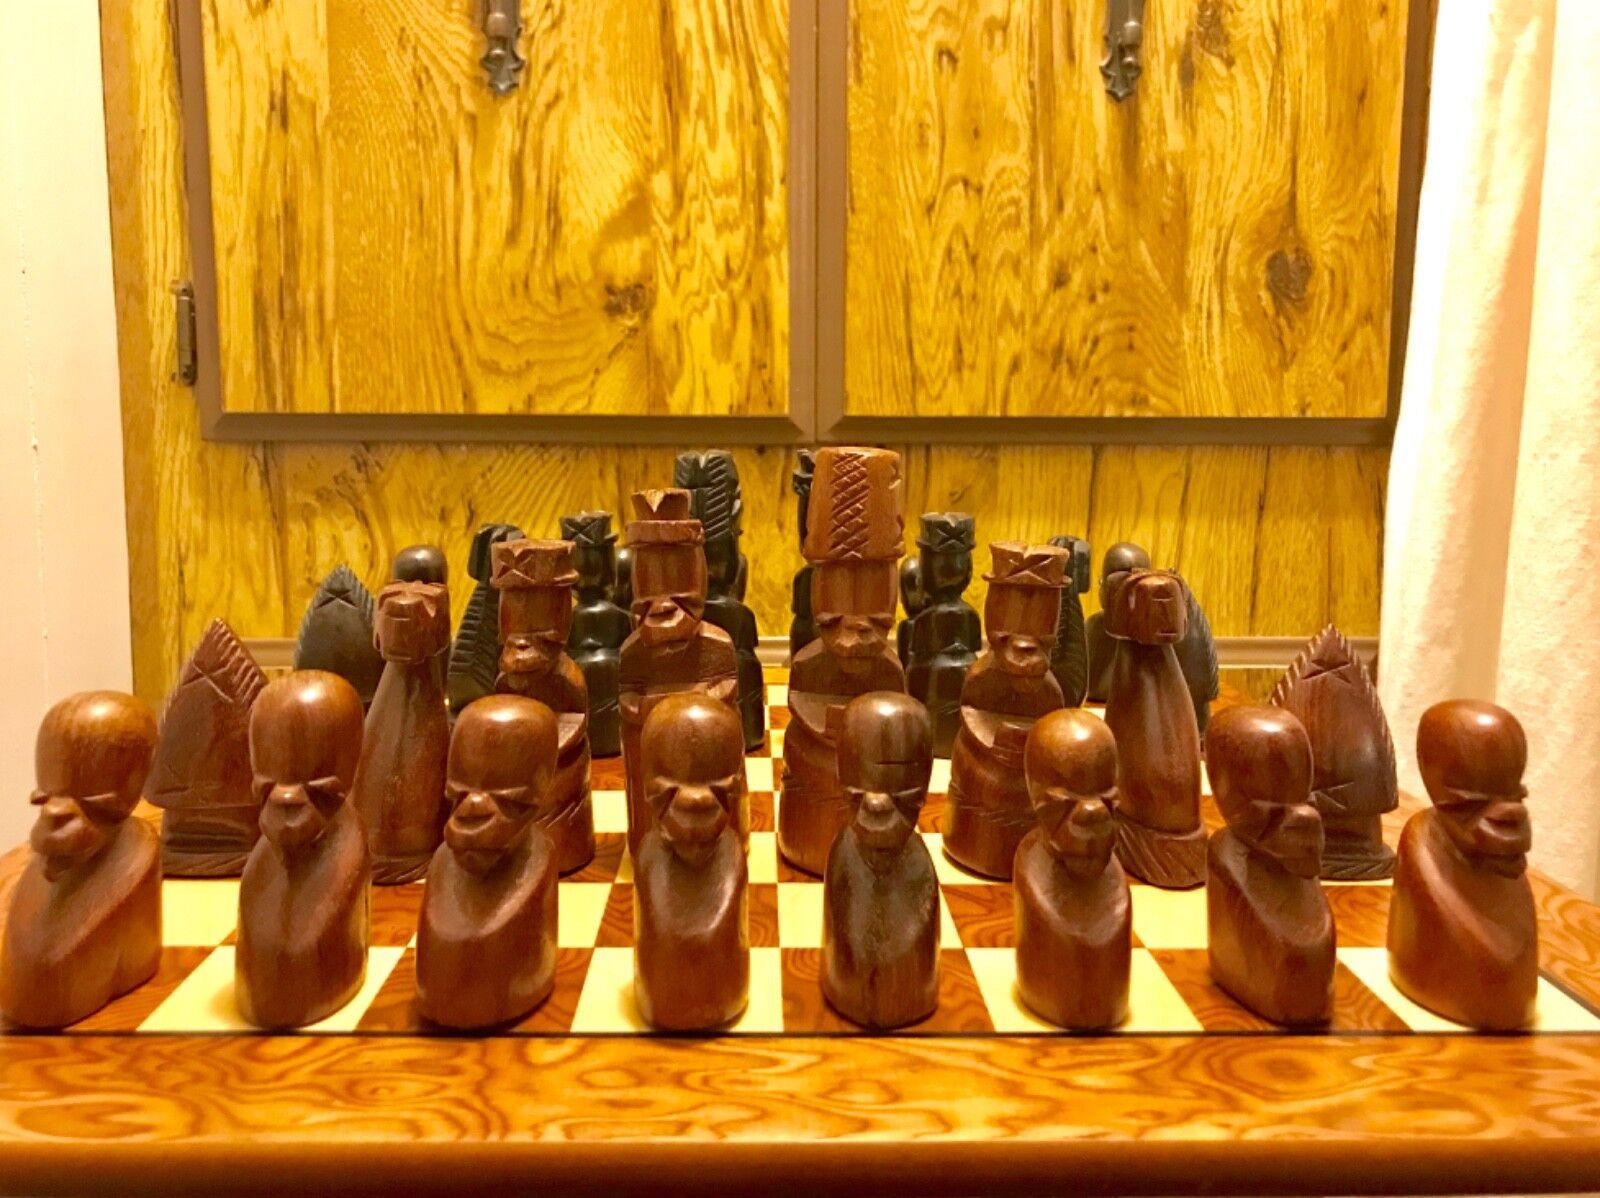 Vintage He autoved Senufo cifras Wood Chess Set 5   re + Lacquerosso scatola  ordina ora i prezzi più bassi